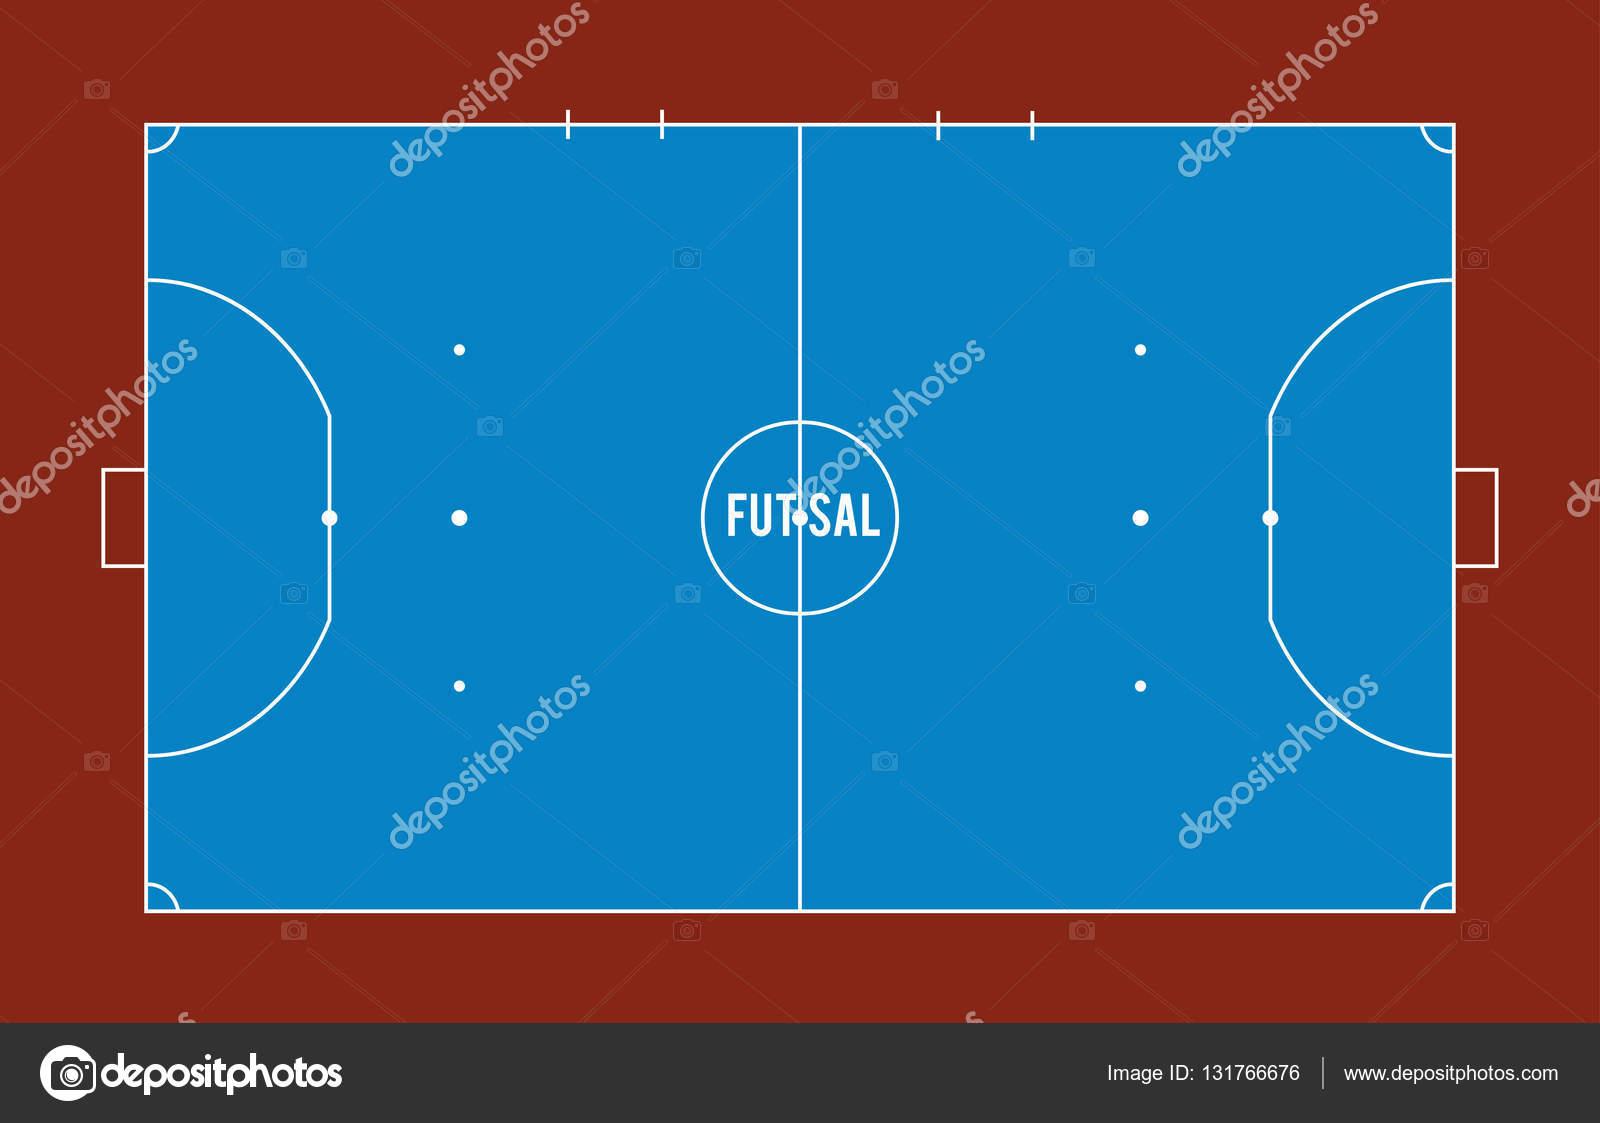 Futsal campo ou Tribunal ilustração vetorial vista superior — Vetores de  Stock 31f4bcfdbfeea